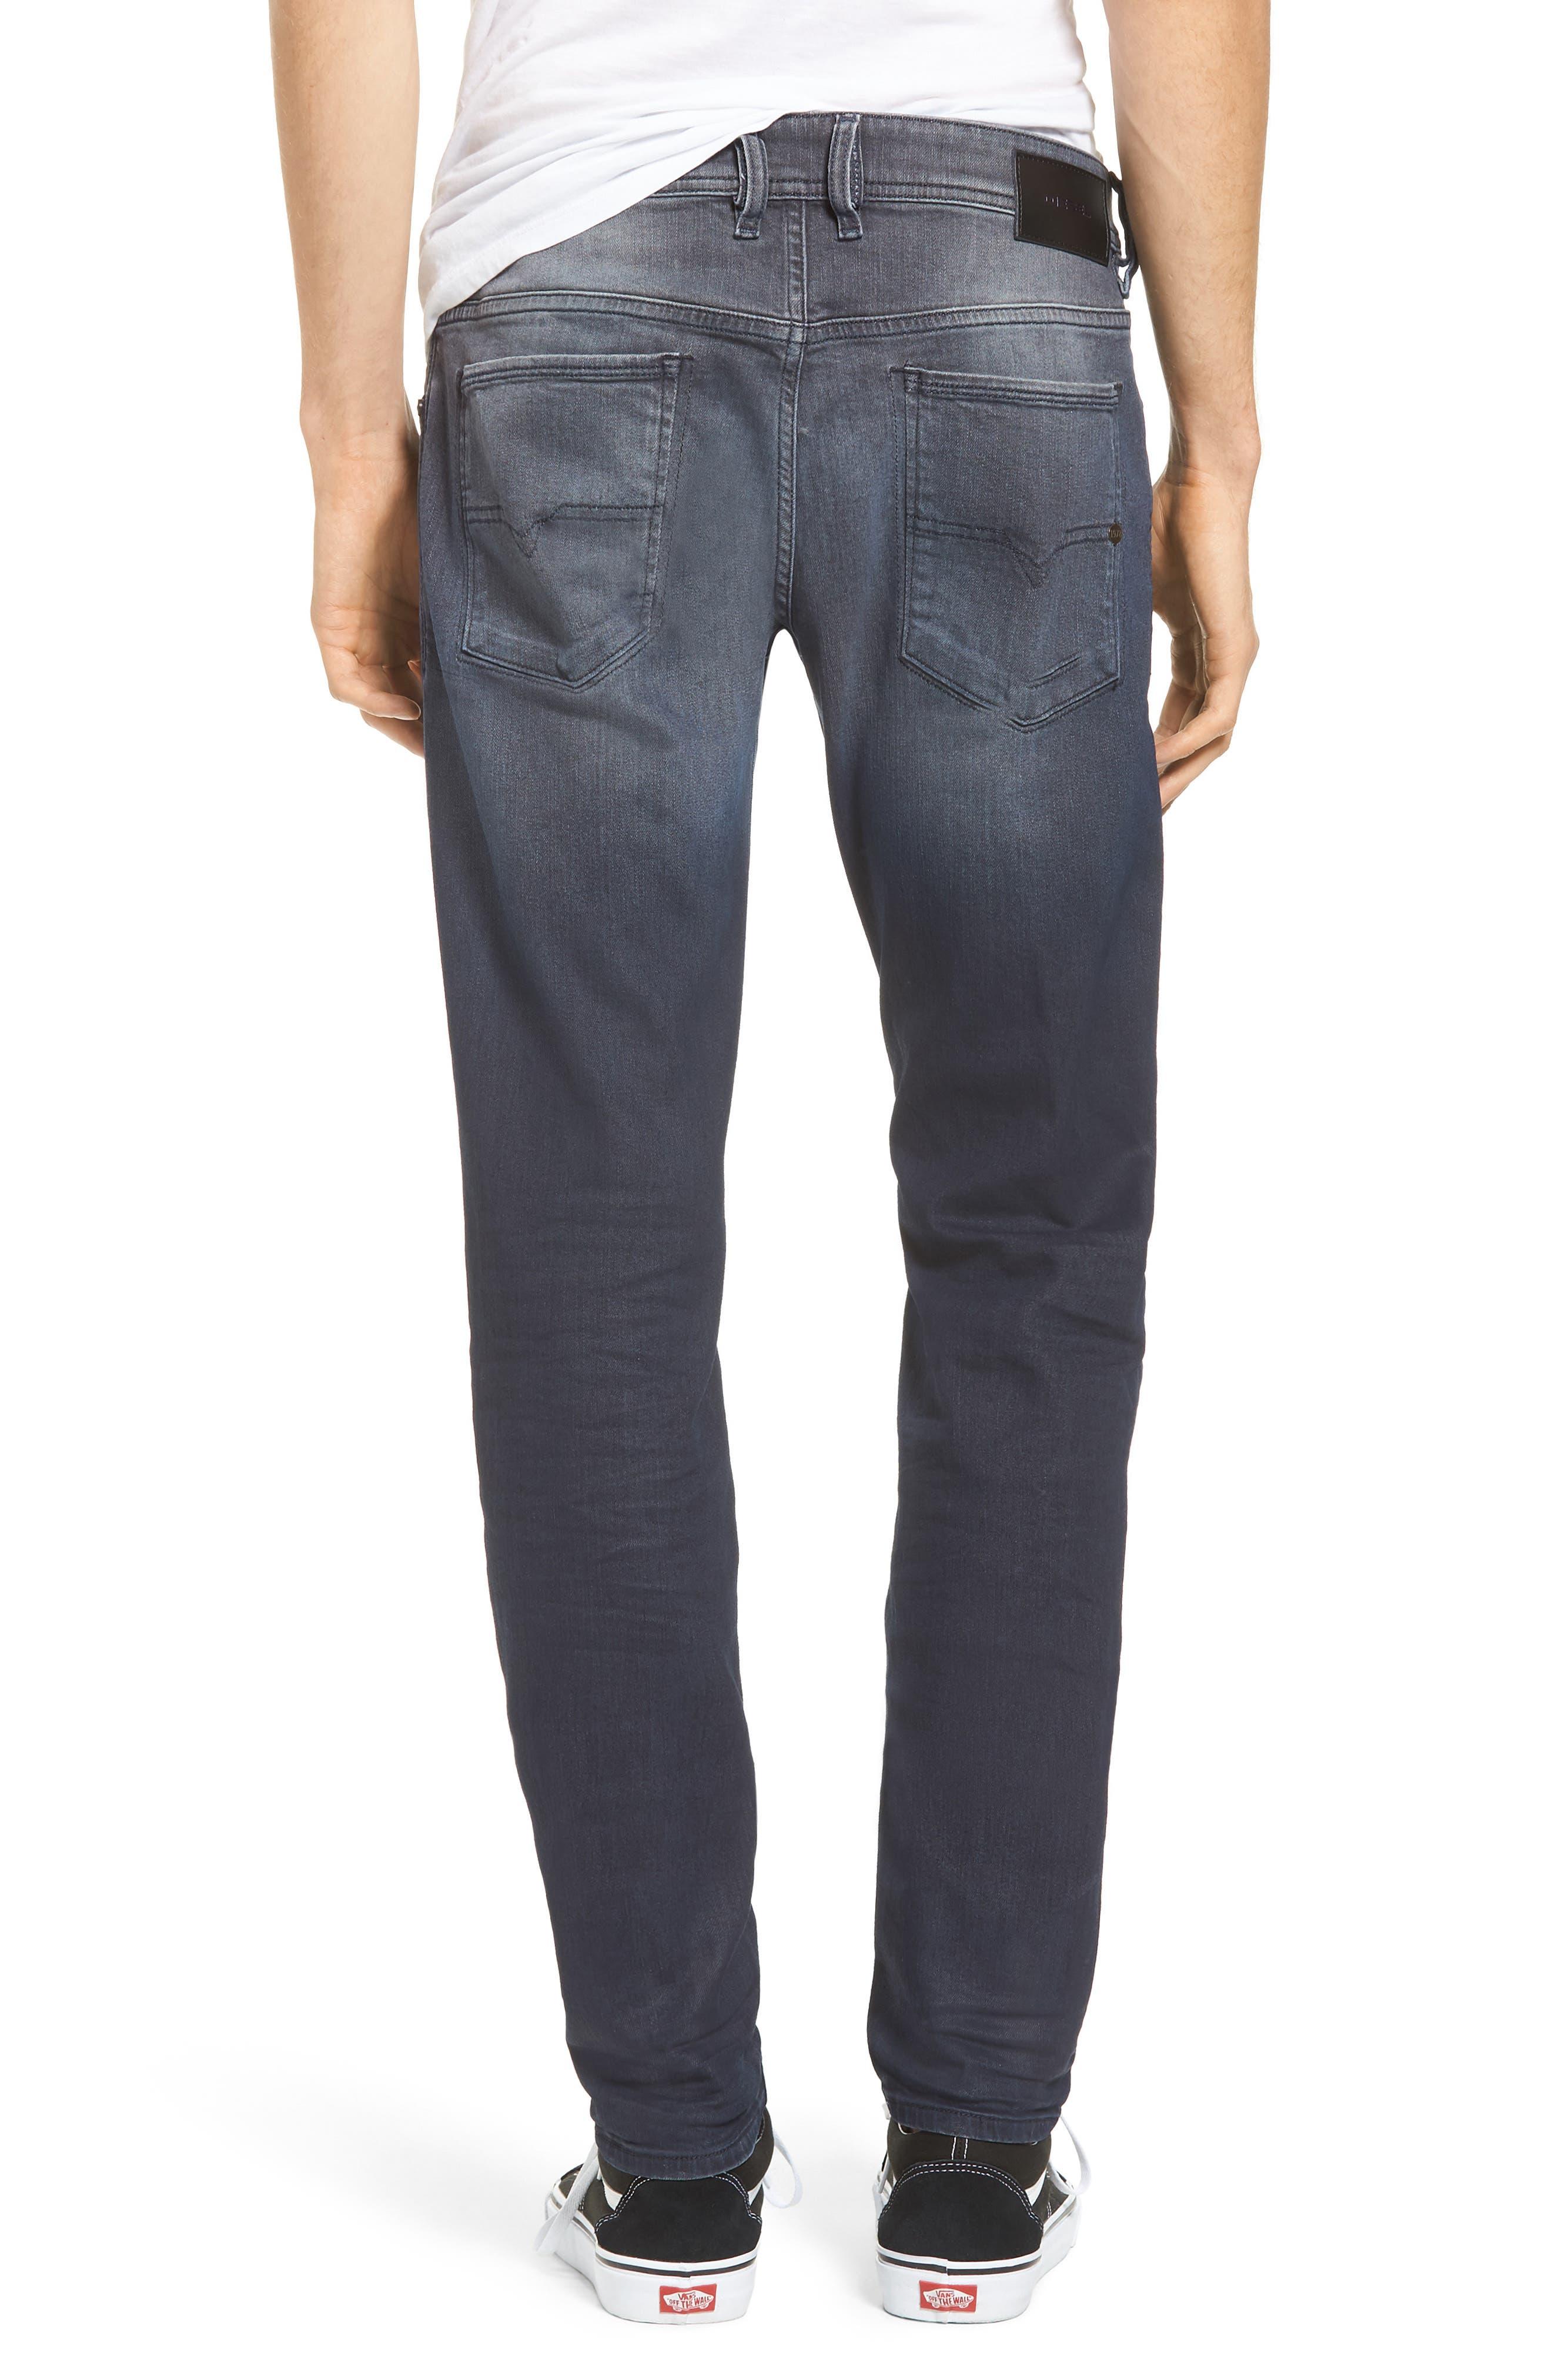 Sleenker Skinny Fit Jeans,                             Alternate thumbnail 2, color,                             400